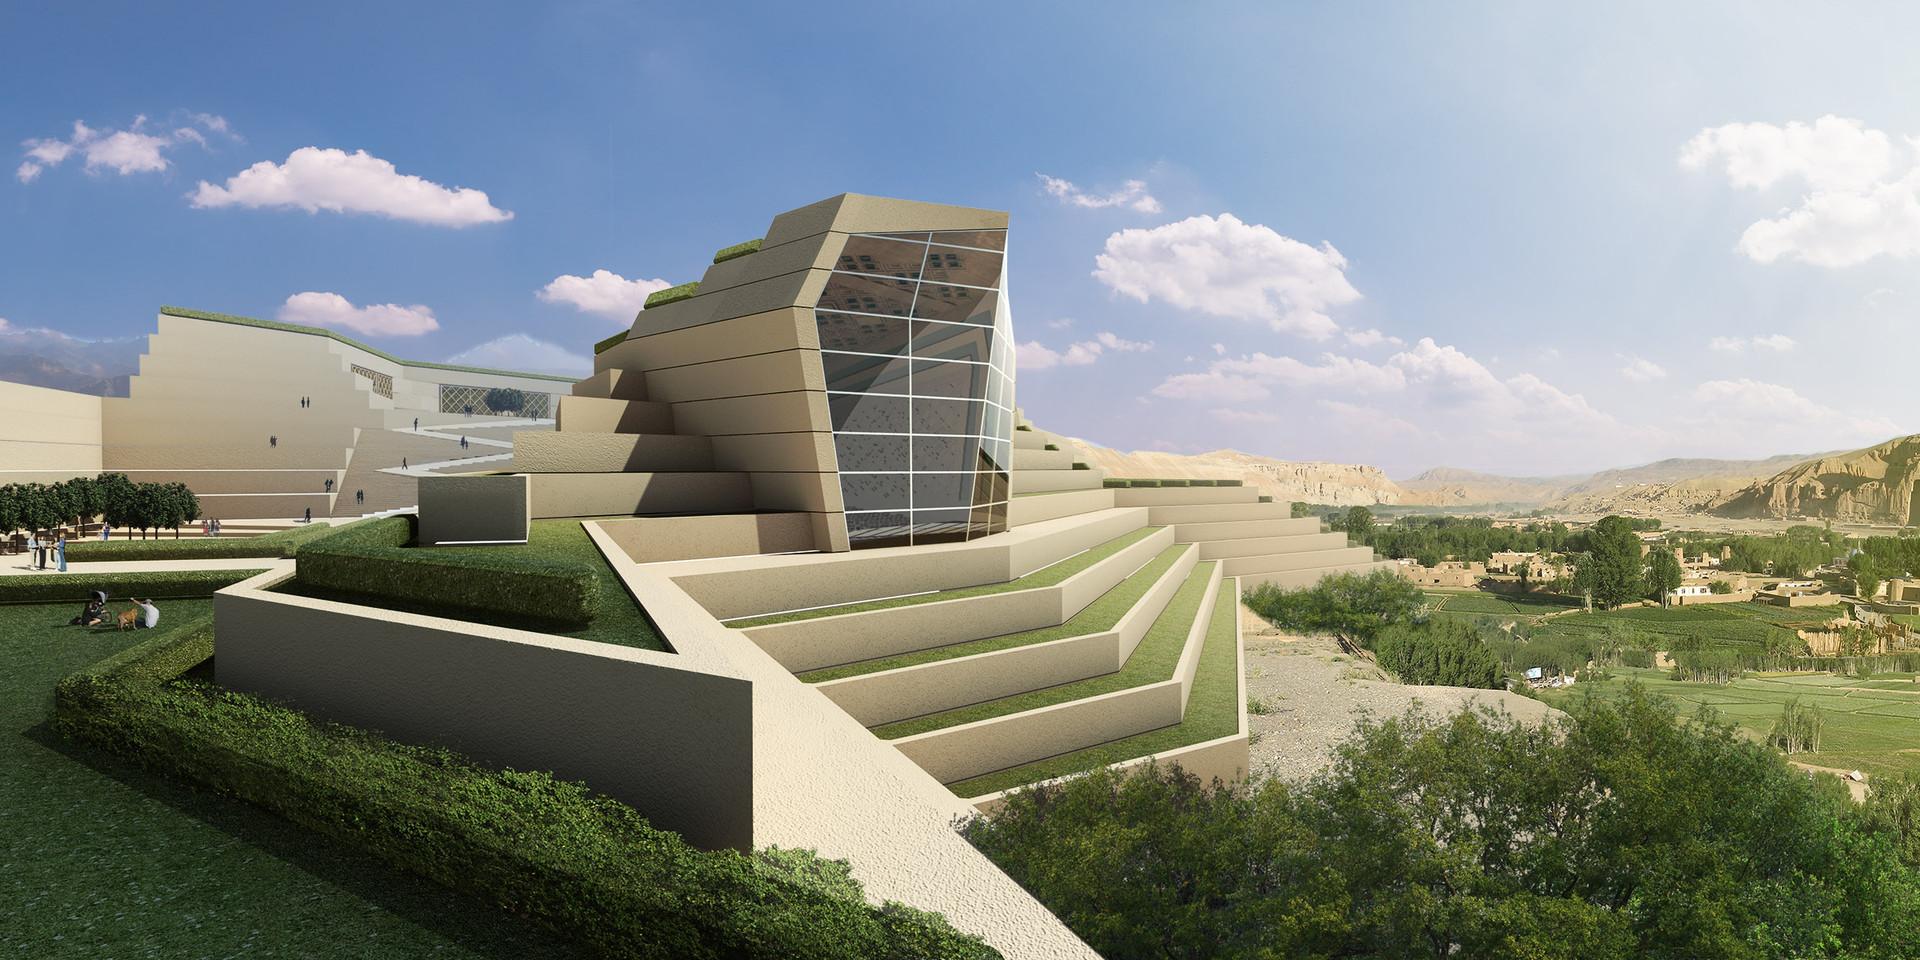 Bamiyan Cultural Center Exterior Perspective